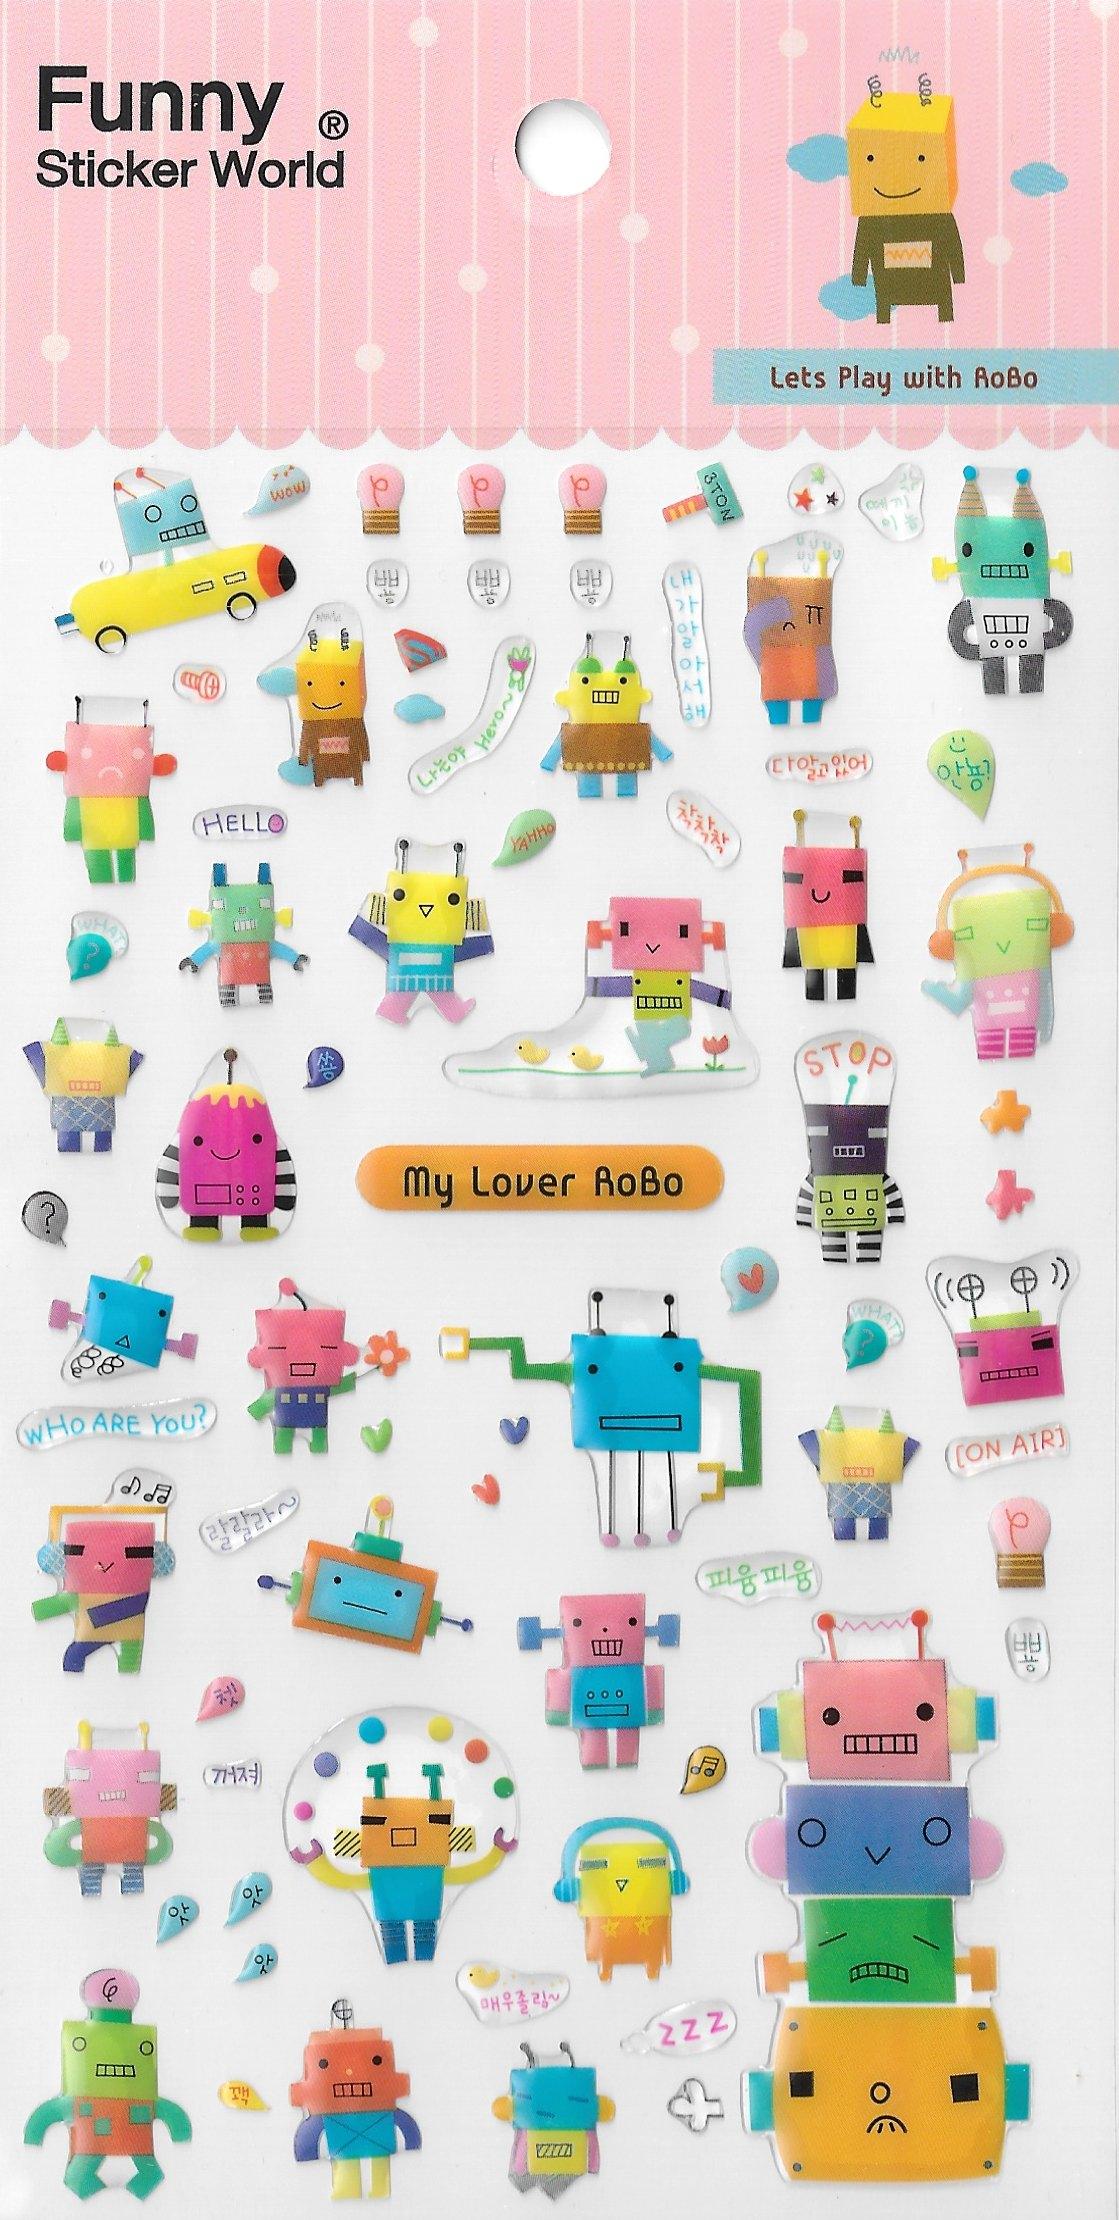 מדבקות אפוקסי - Funny Sticker World - Lets play with ROBO